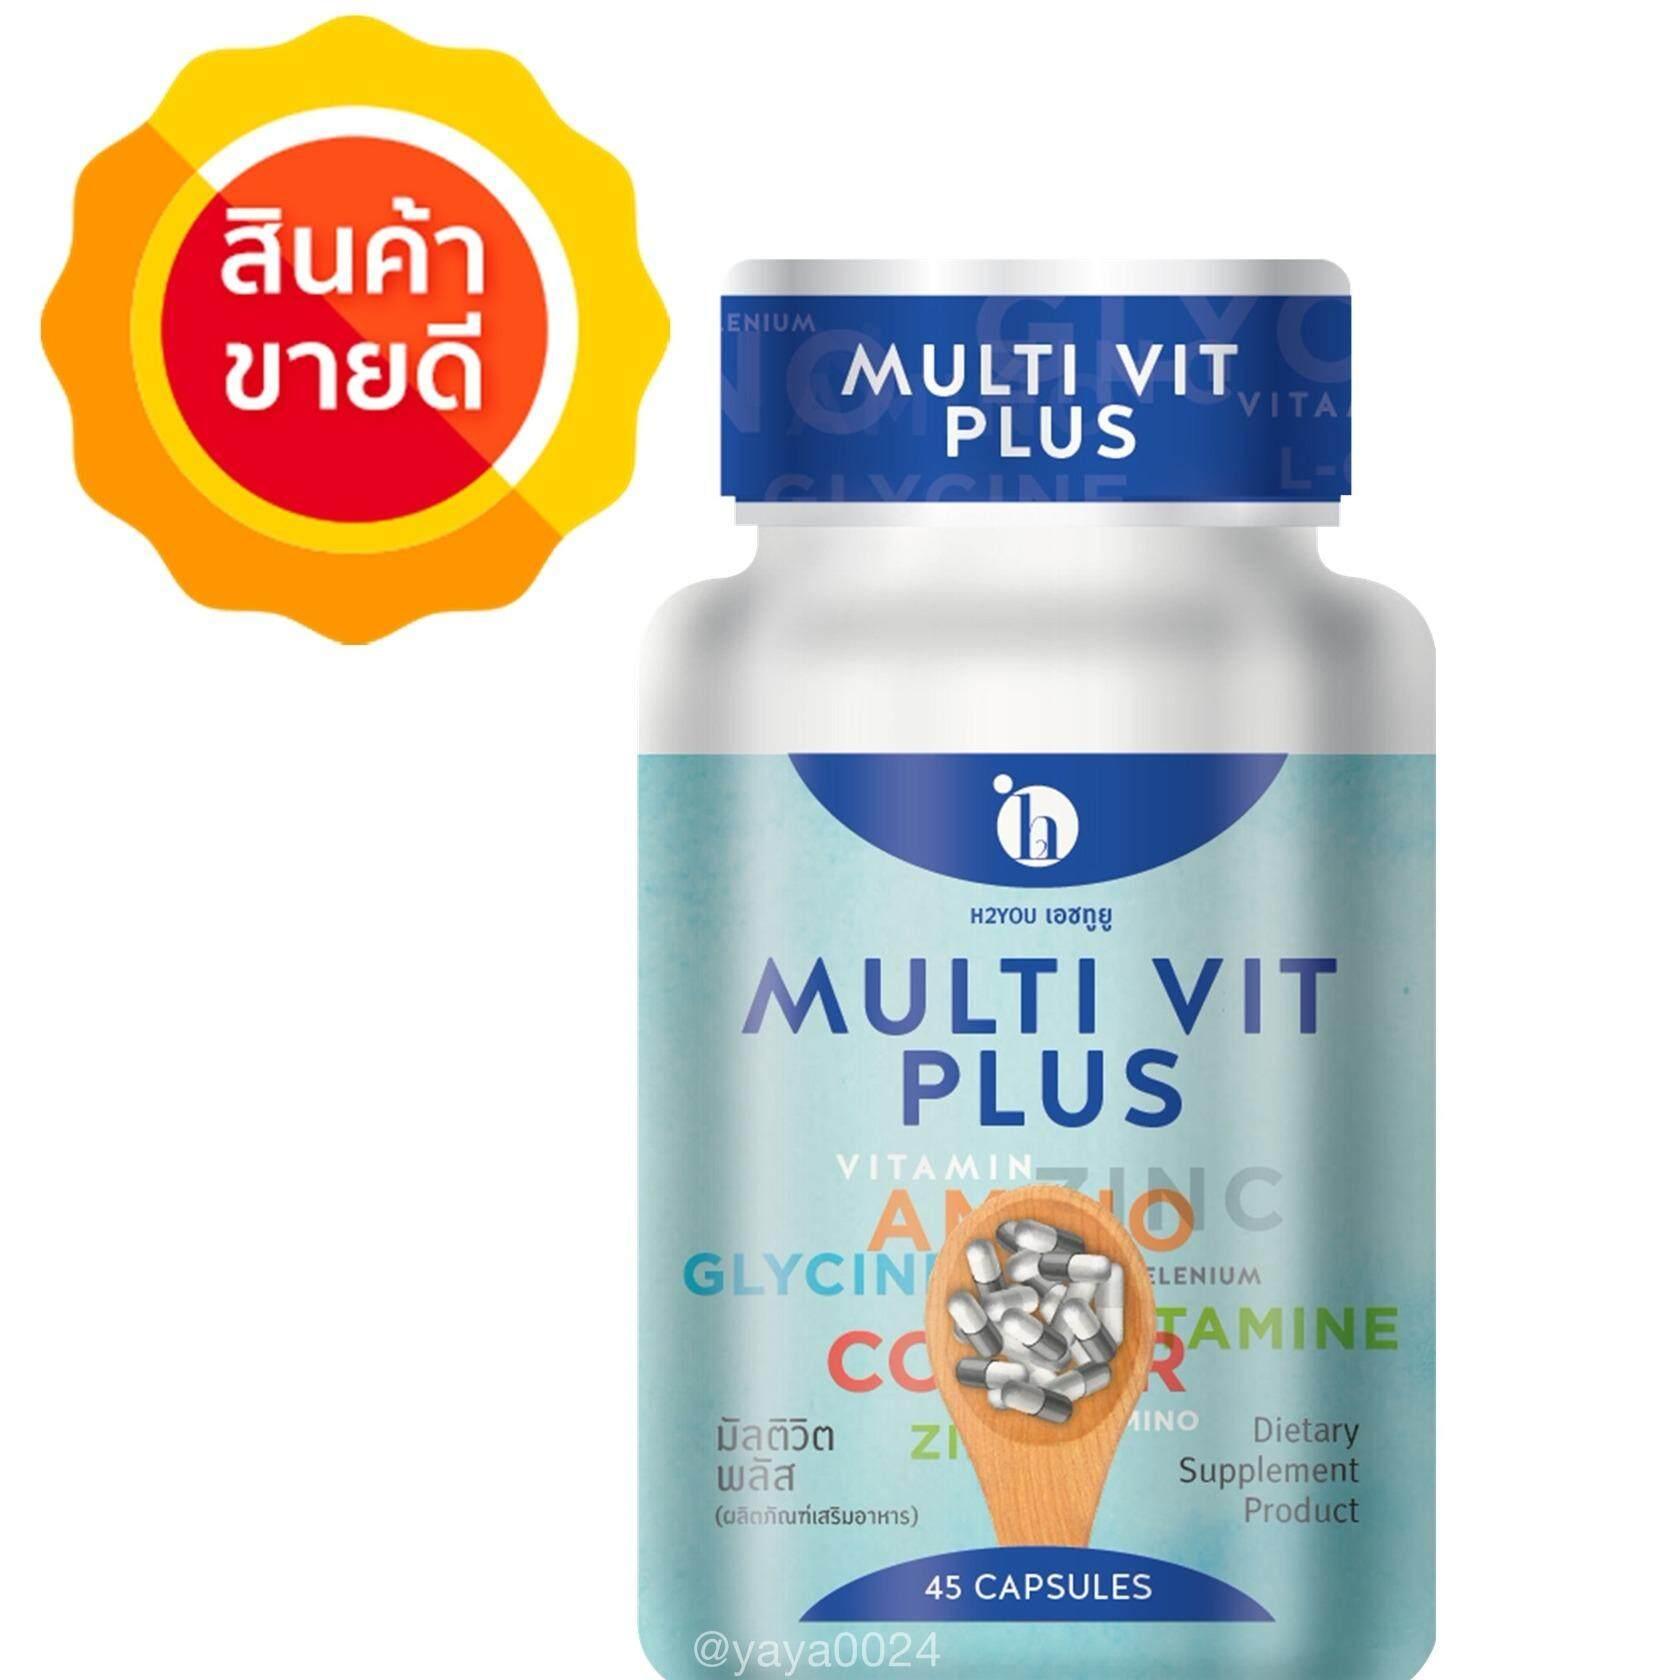 ซื้อ สูตรใหม่ H2You Multi Vit Plus มัลติวิตพลัส มัลติวิตามิน อาหารเสริมเพิ่มน้ำหนัก สูตรใหม่ ไม่ง่วงนอน X 1 กระปุก 45 แคปซูล